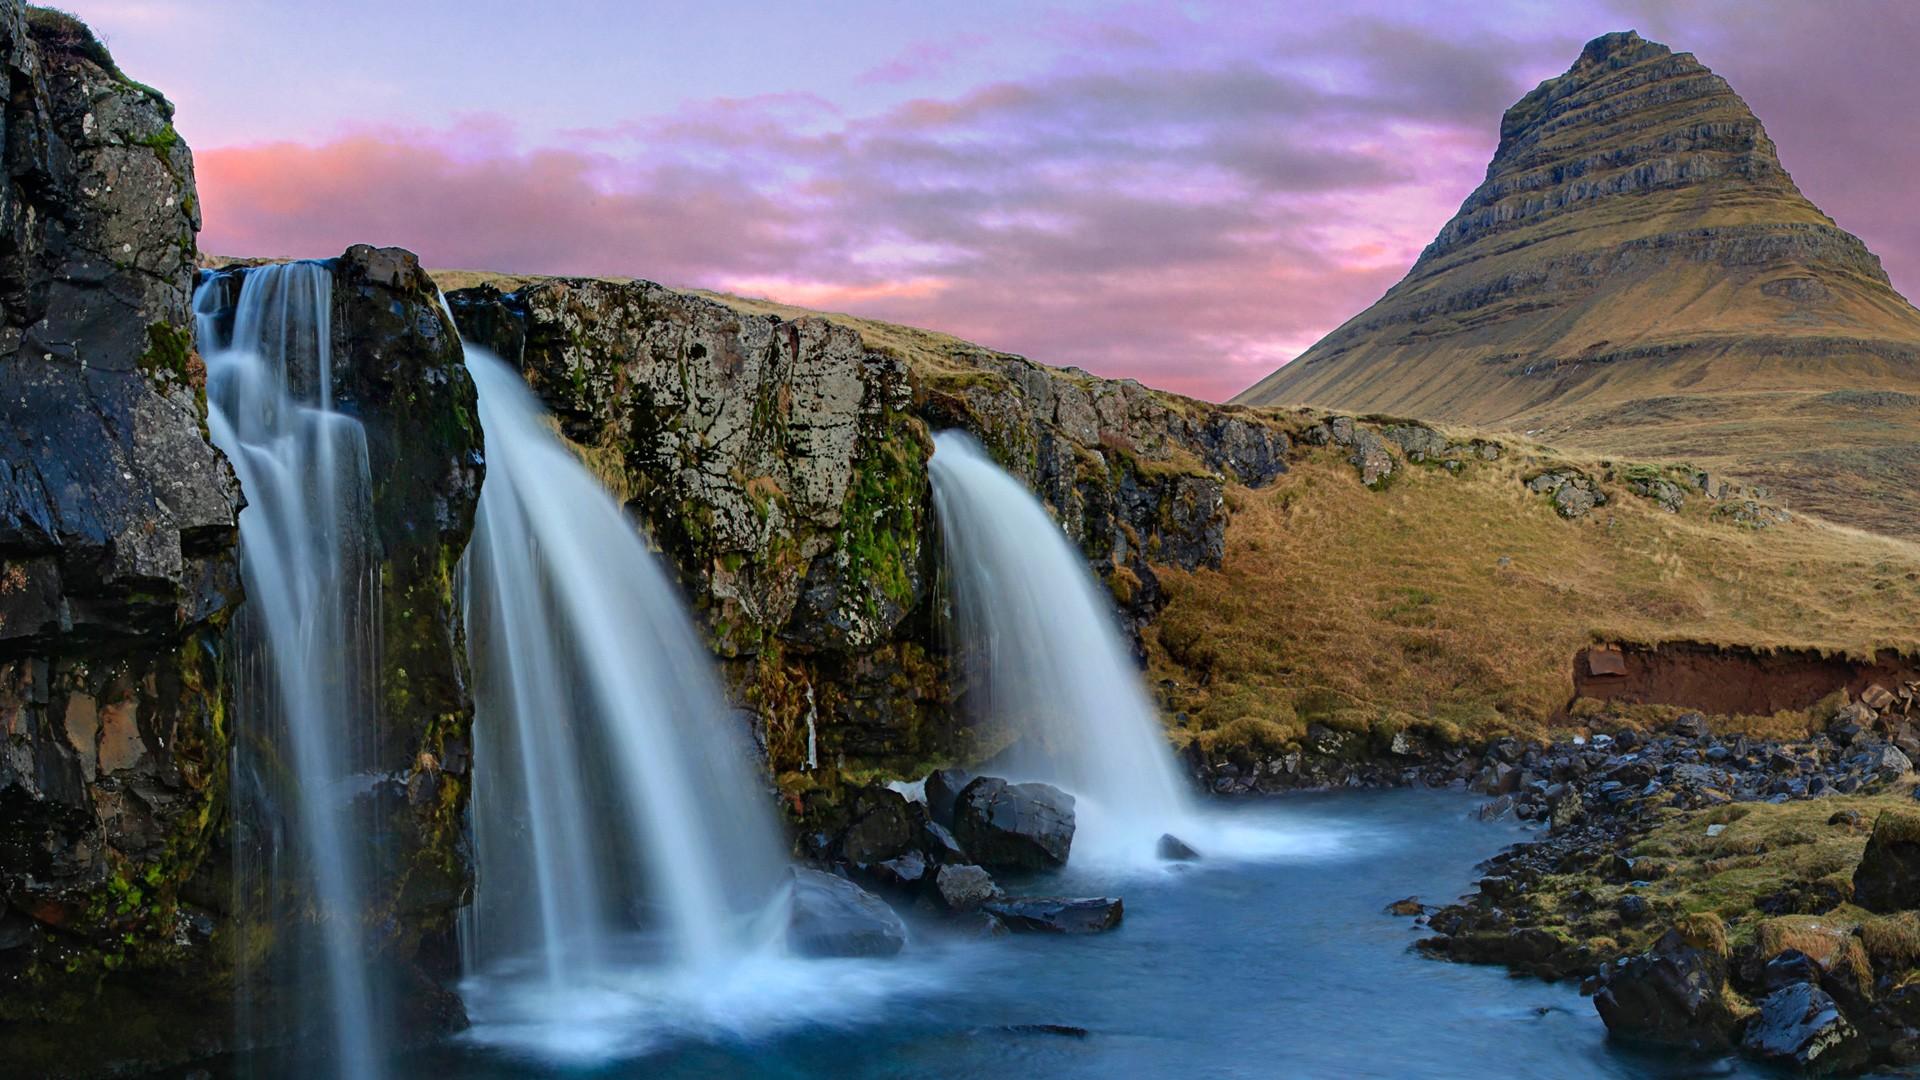 3d Apple Wallpaper Hd 1080p Download Kirkjufell Mountain Waterfalls Iceland Wallpapers Hd